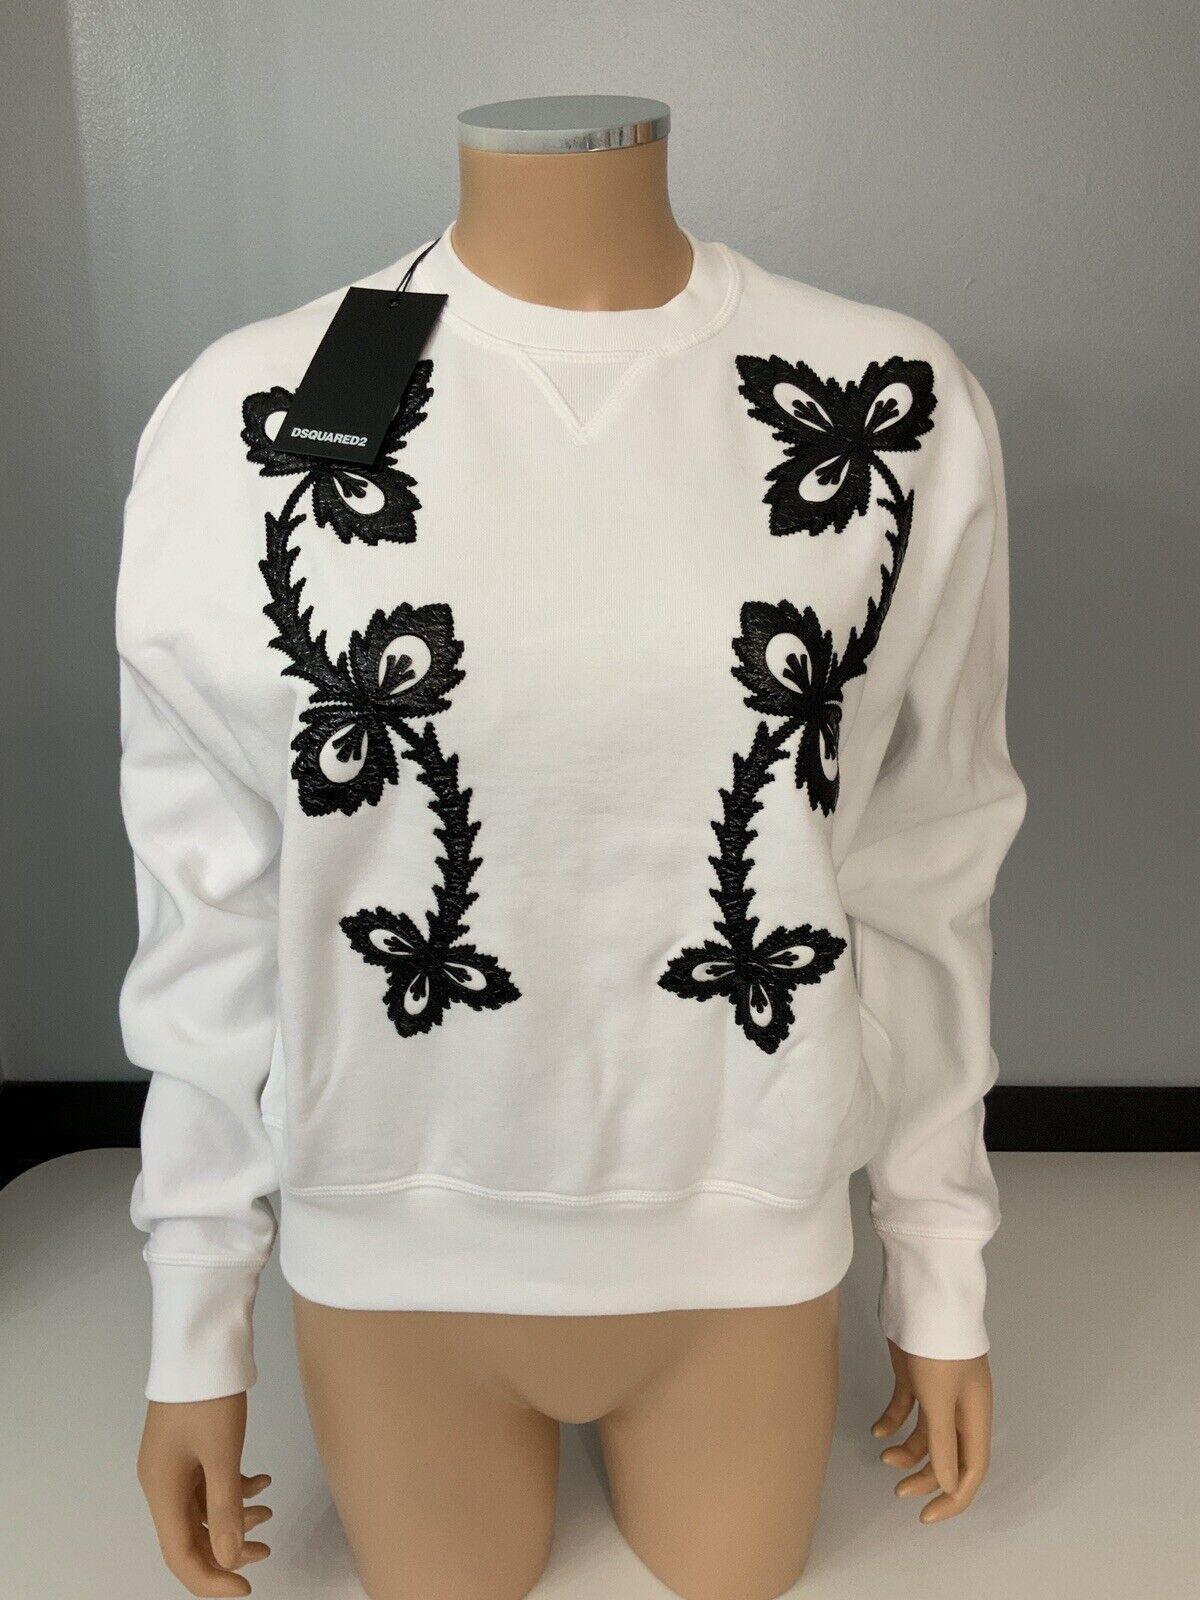 Dsquarojo 2 Nuevo blancoo Suéter Tamaño  M Mediano BNWTs blancoo y Negro  ventas directas de fábrica